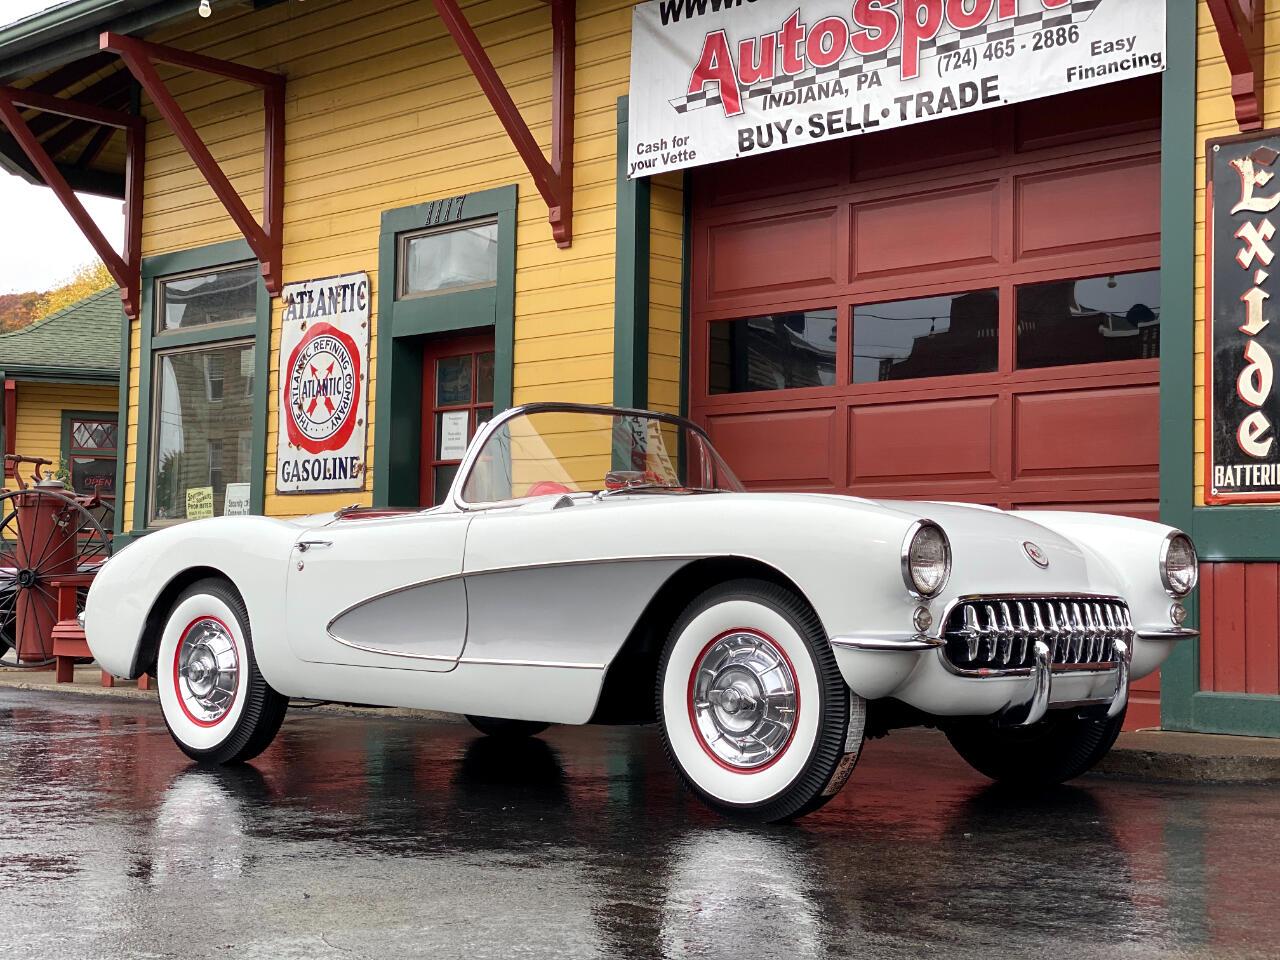 1956 Chevrolet Corvette 1956 Corvette Power Top 2x4's Automatic!